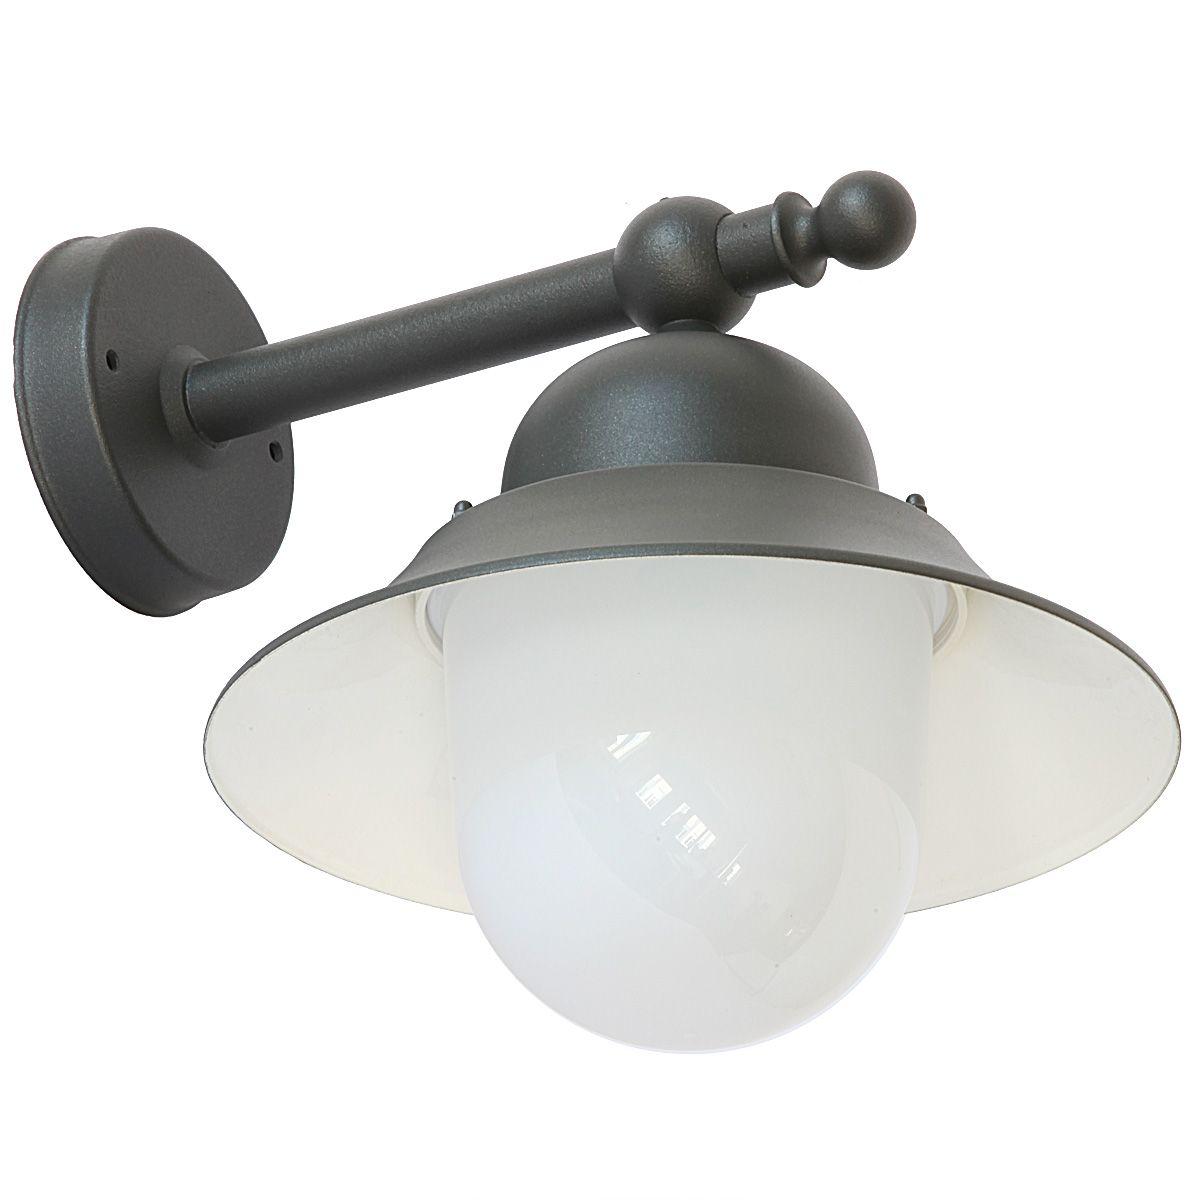 kleine schirm wandlampe f r au en mit makrolon glas von auraluce au enleuchte bewegungsmelder. Black Bedroom Furniture Sets. Home Design Ideas